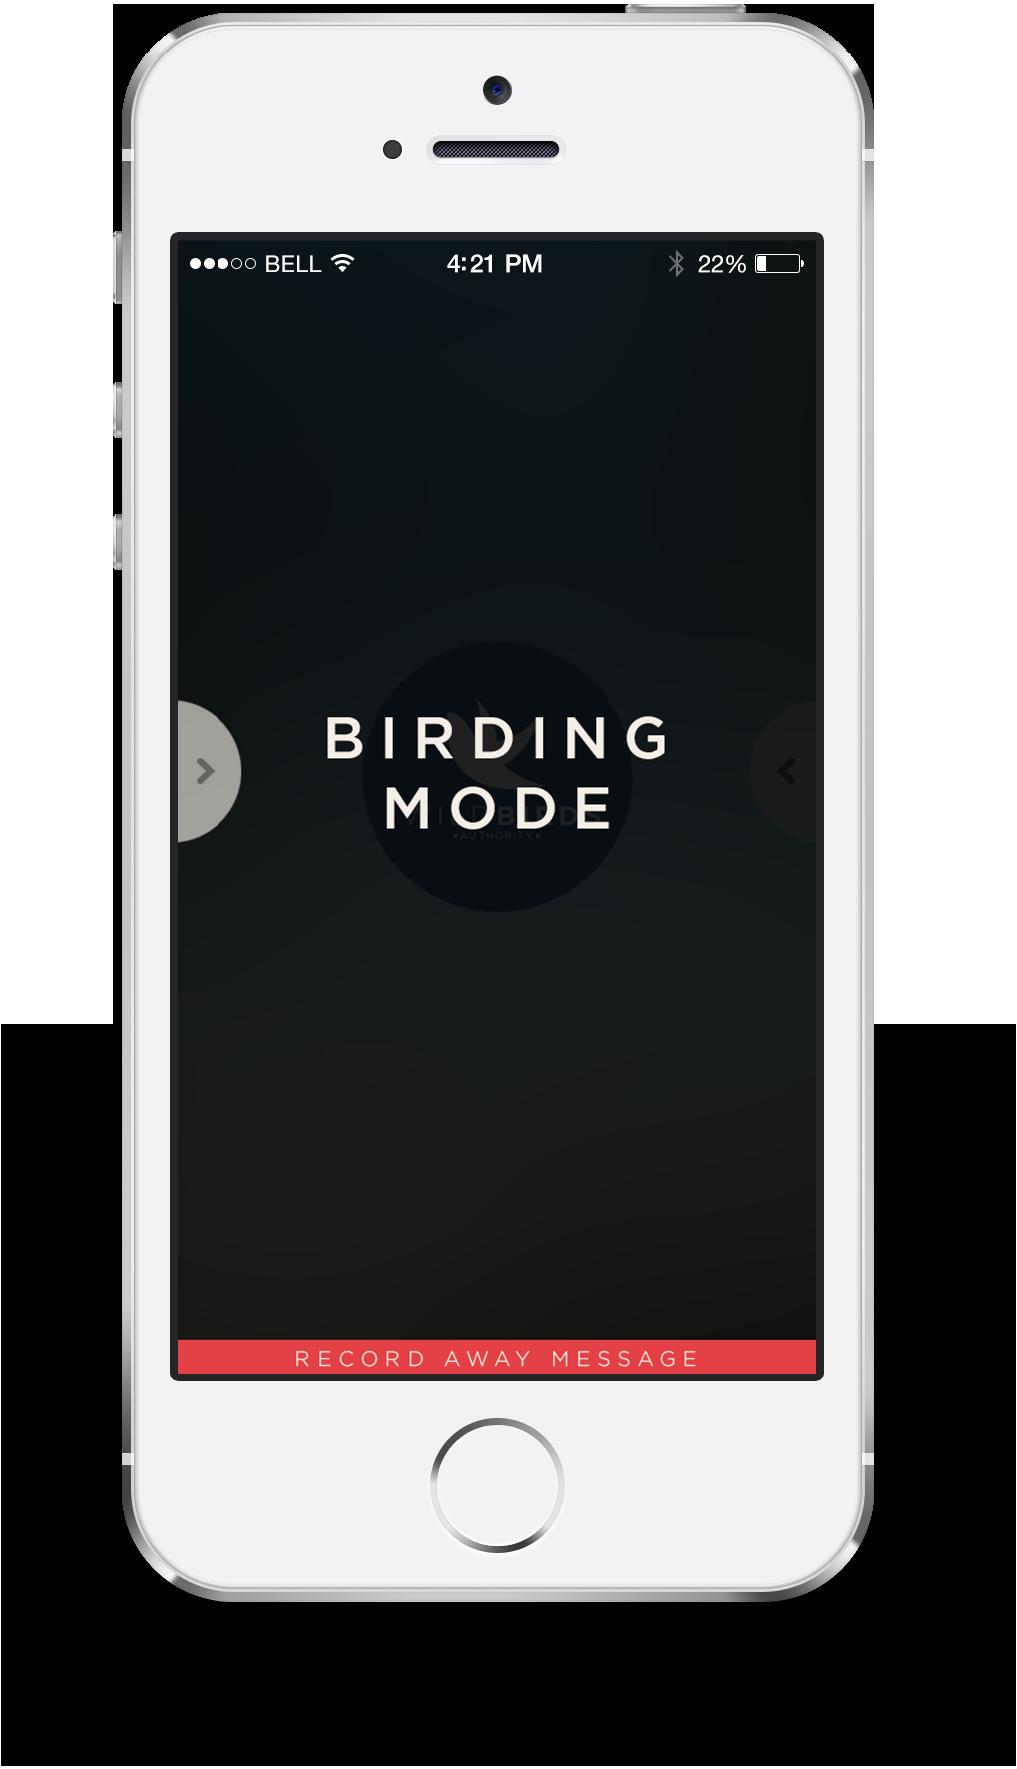 Birding mode